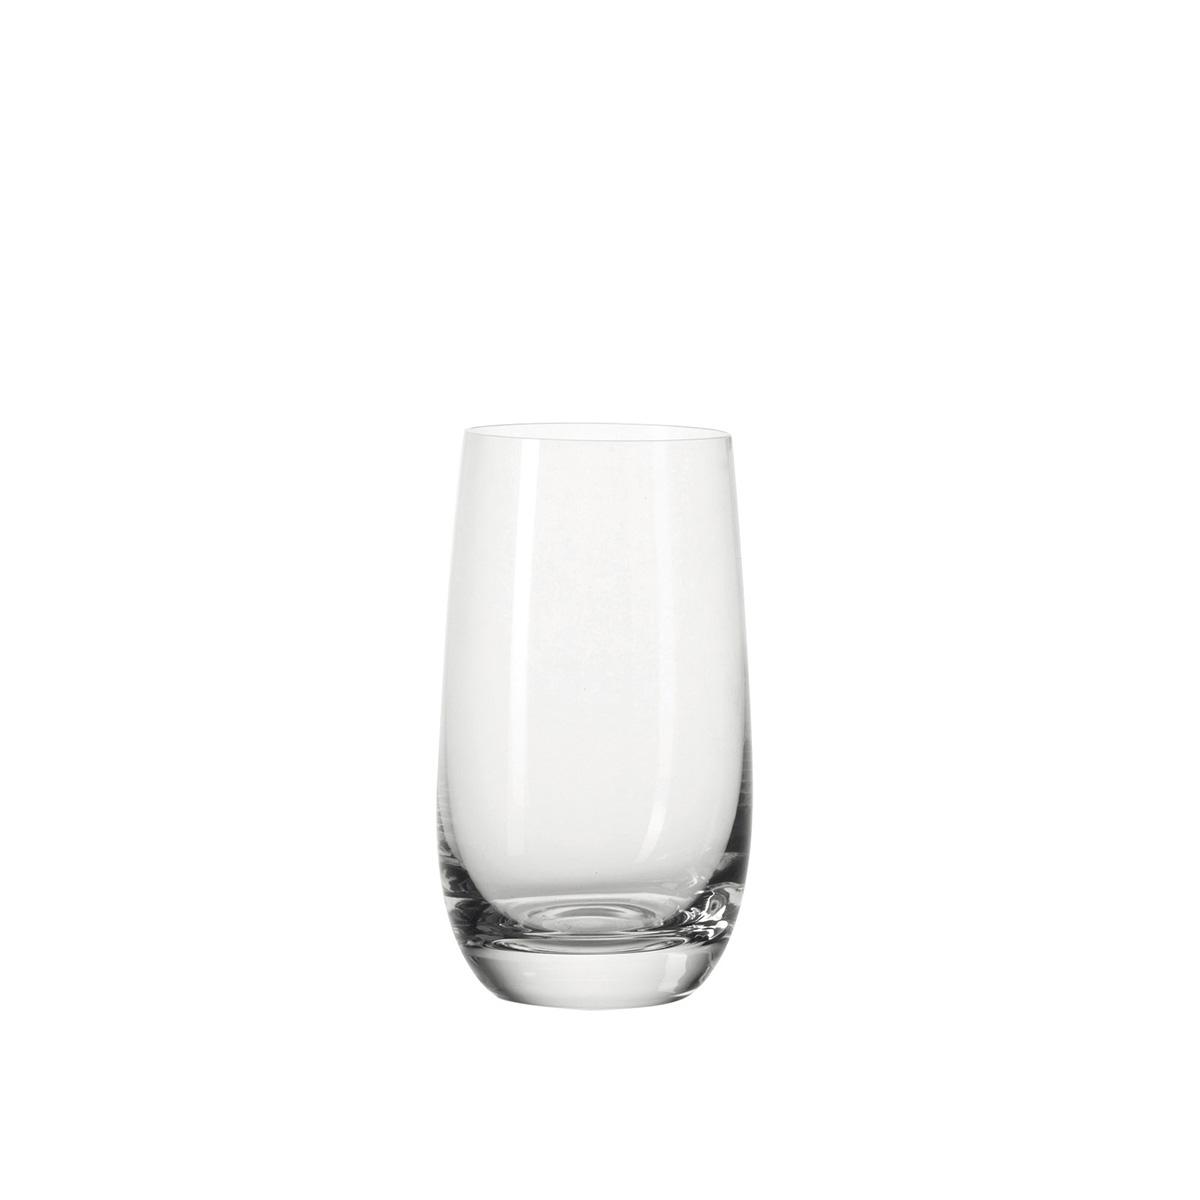 Čaša Tivoli 20965